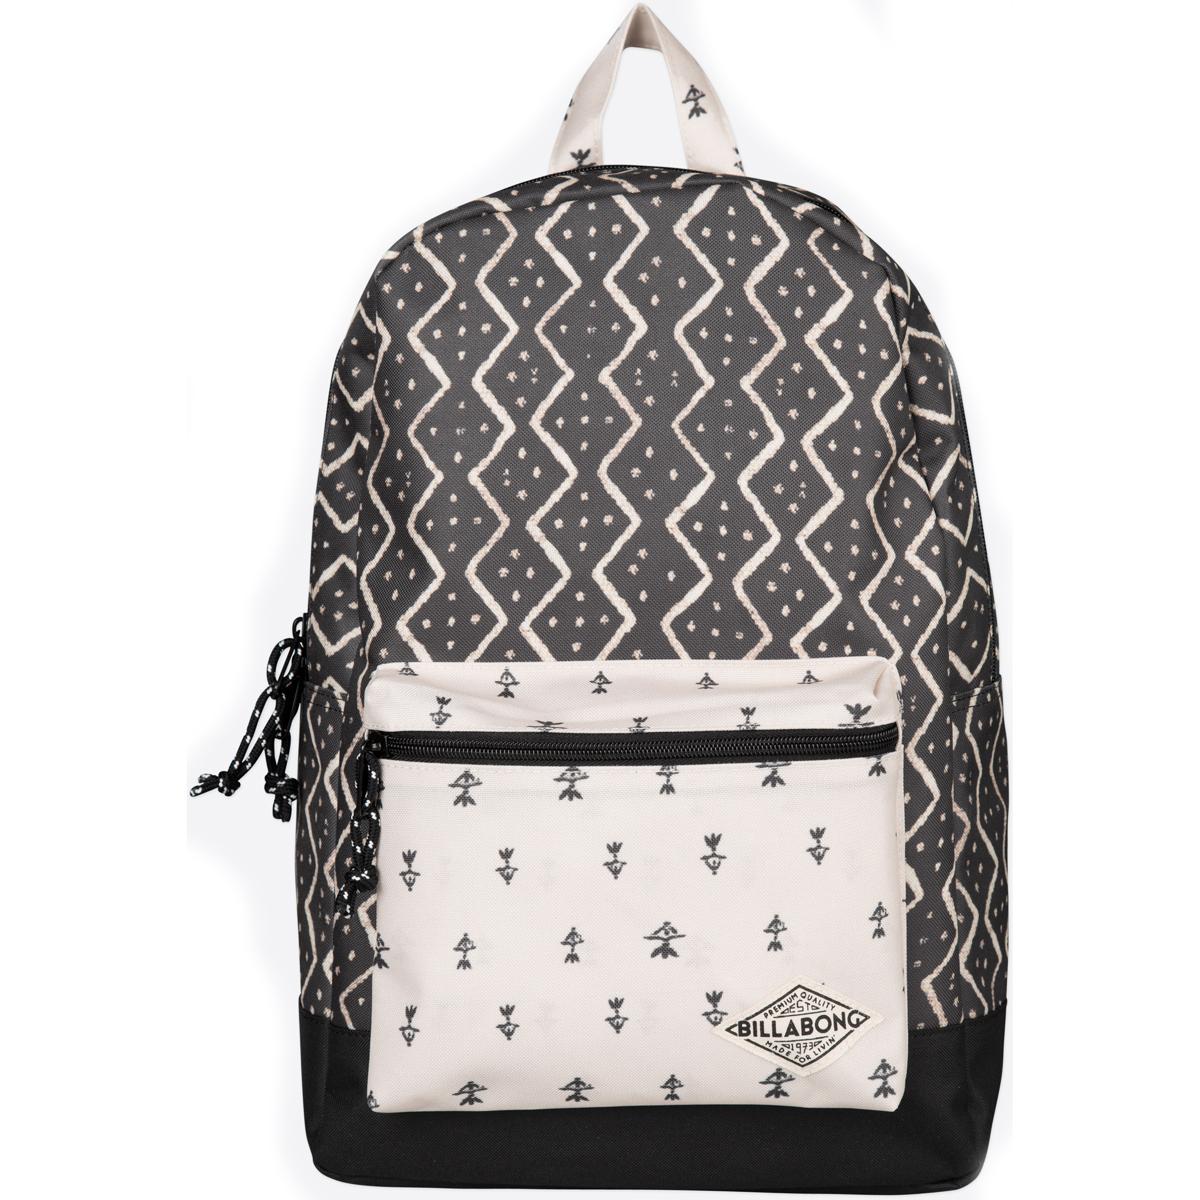 Рюкзак городской женский Billabong Study, цвет: черный, 20 л. Z9BP04Z9BP04Стильный женский рюказк с необычными цветовыми решениями. Есть все самое необхадимое, отсек для ноутбука и для мелких канцелярских принадлежностей.